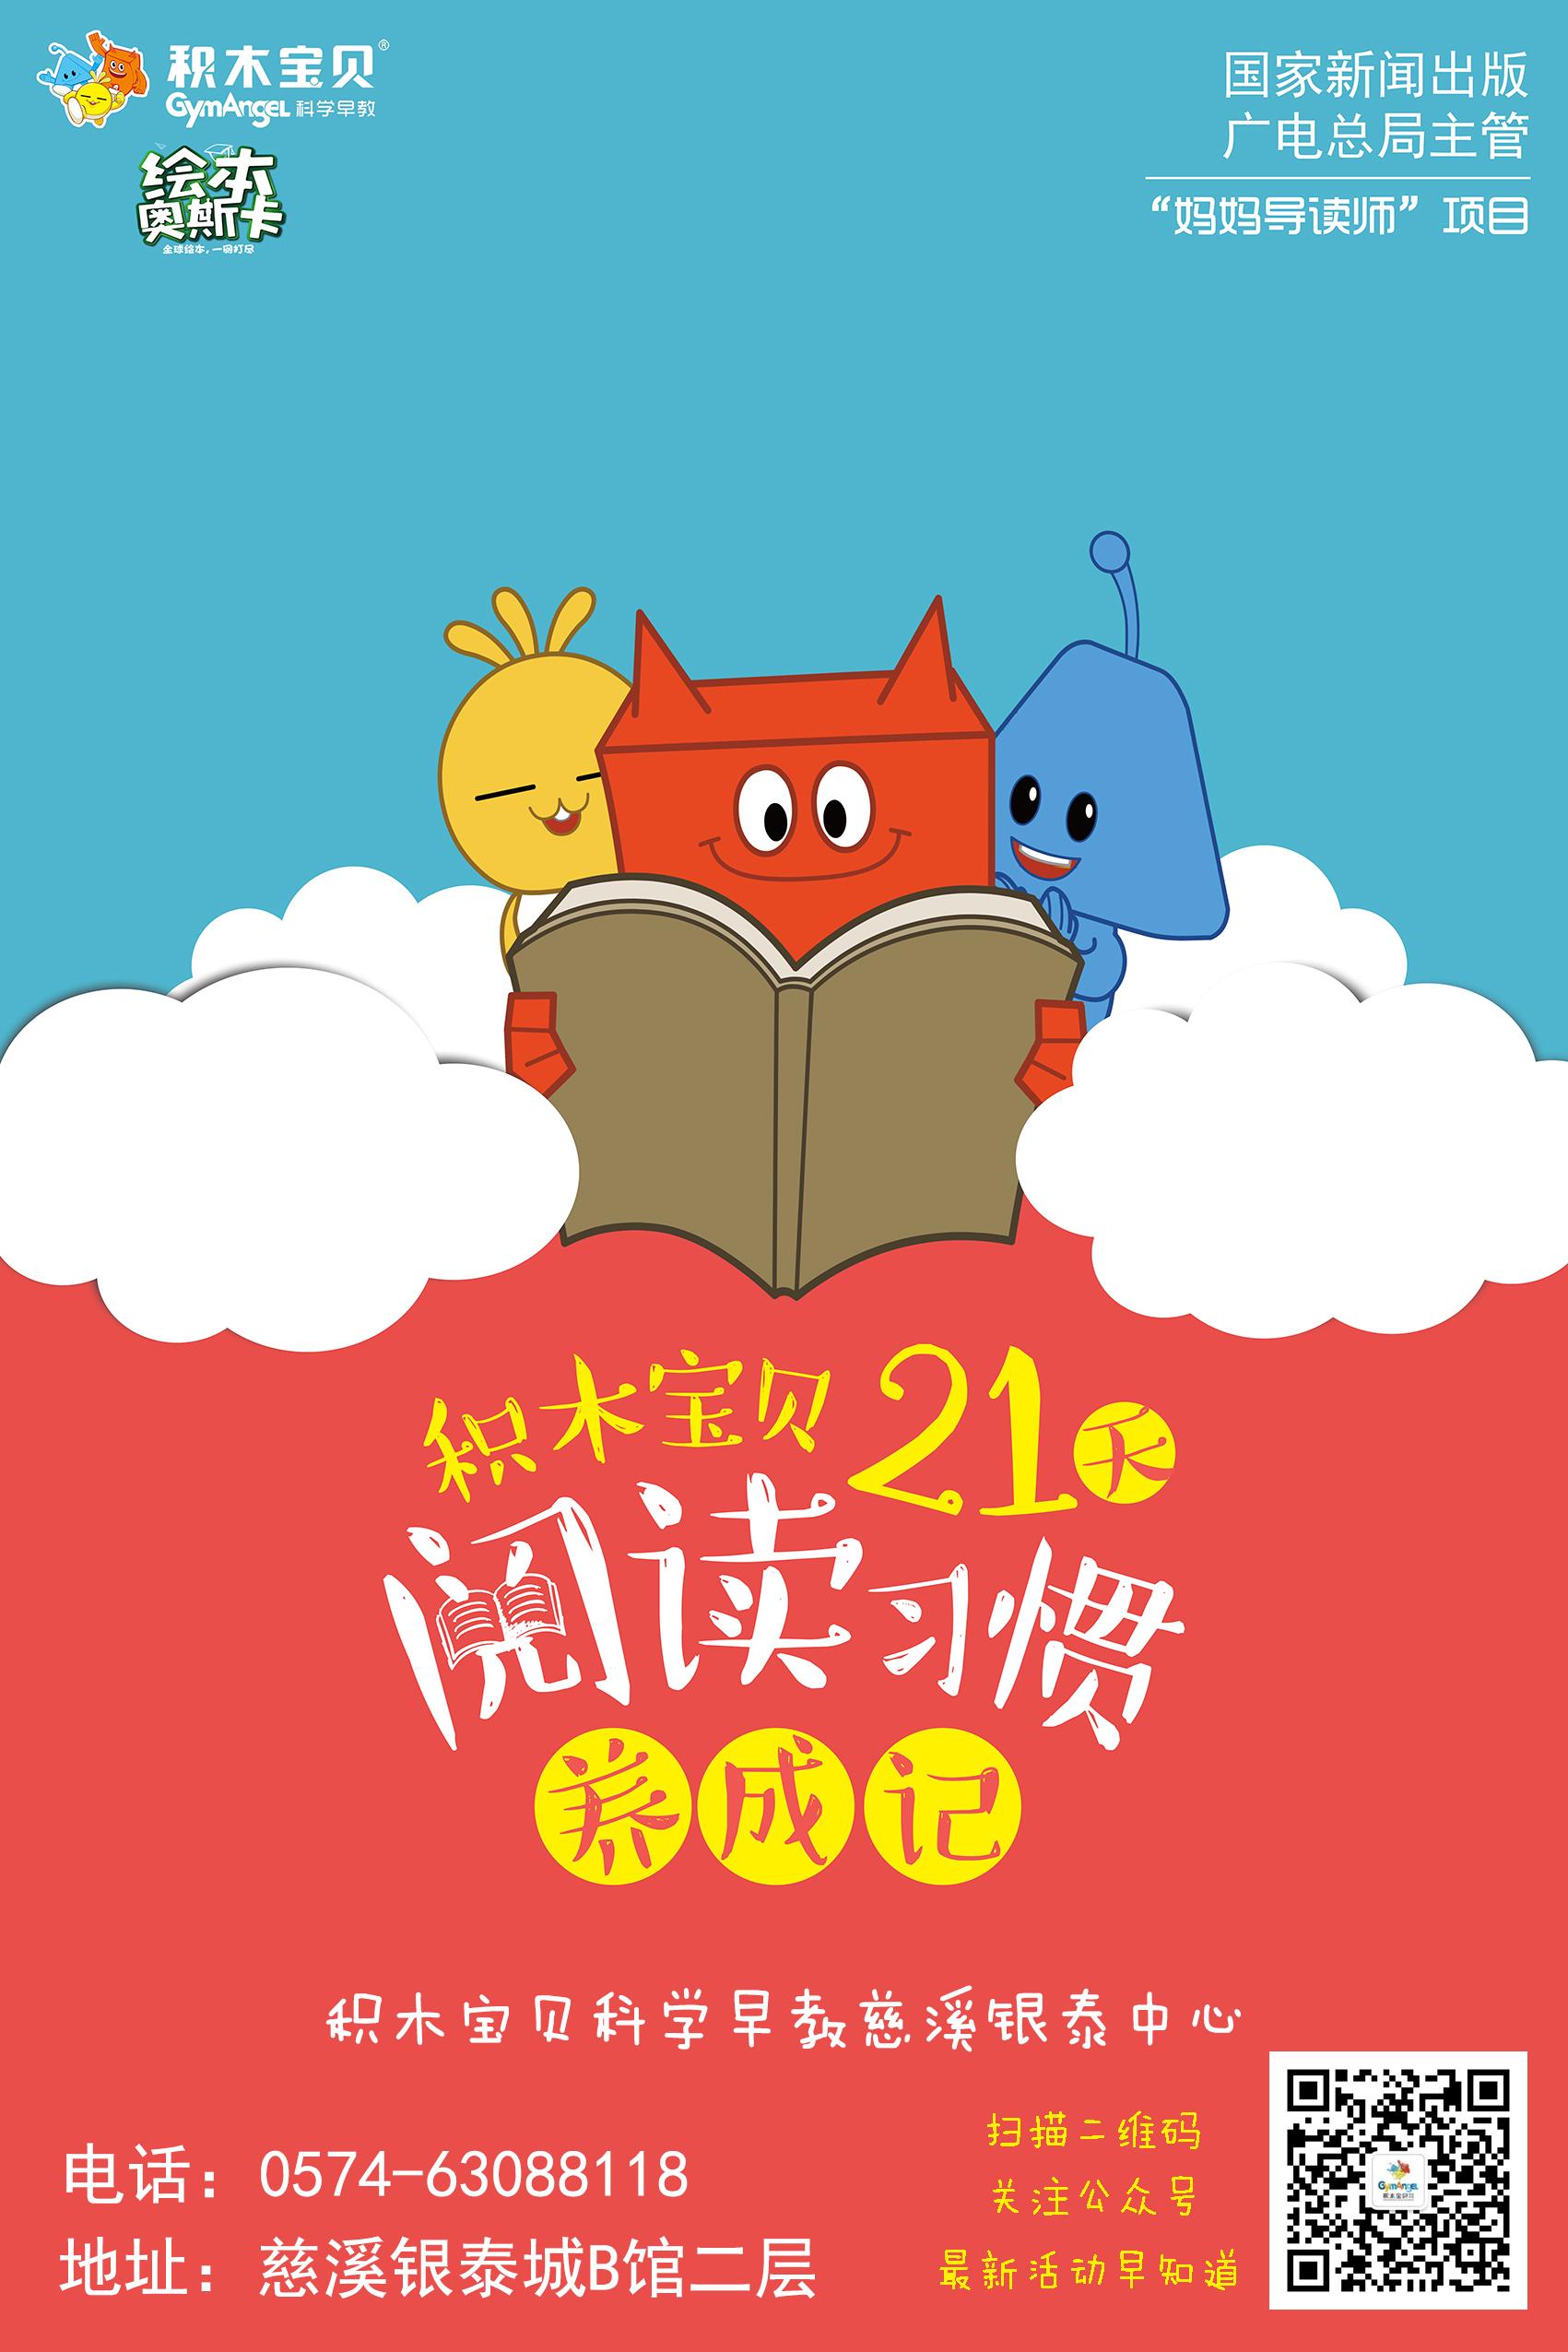 【活动招募】积木宝贝科学早教21天亲子阅读习惯养成记活动正式开幕